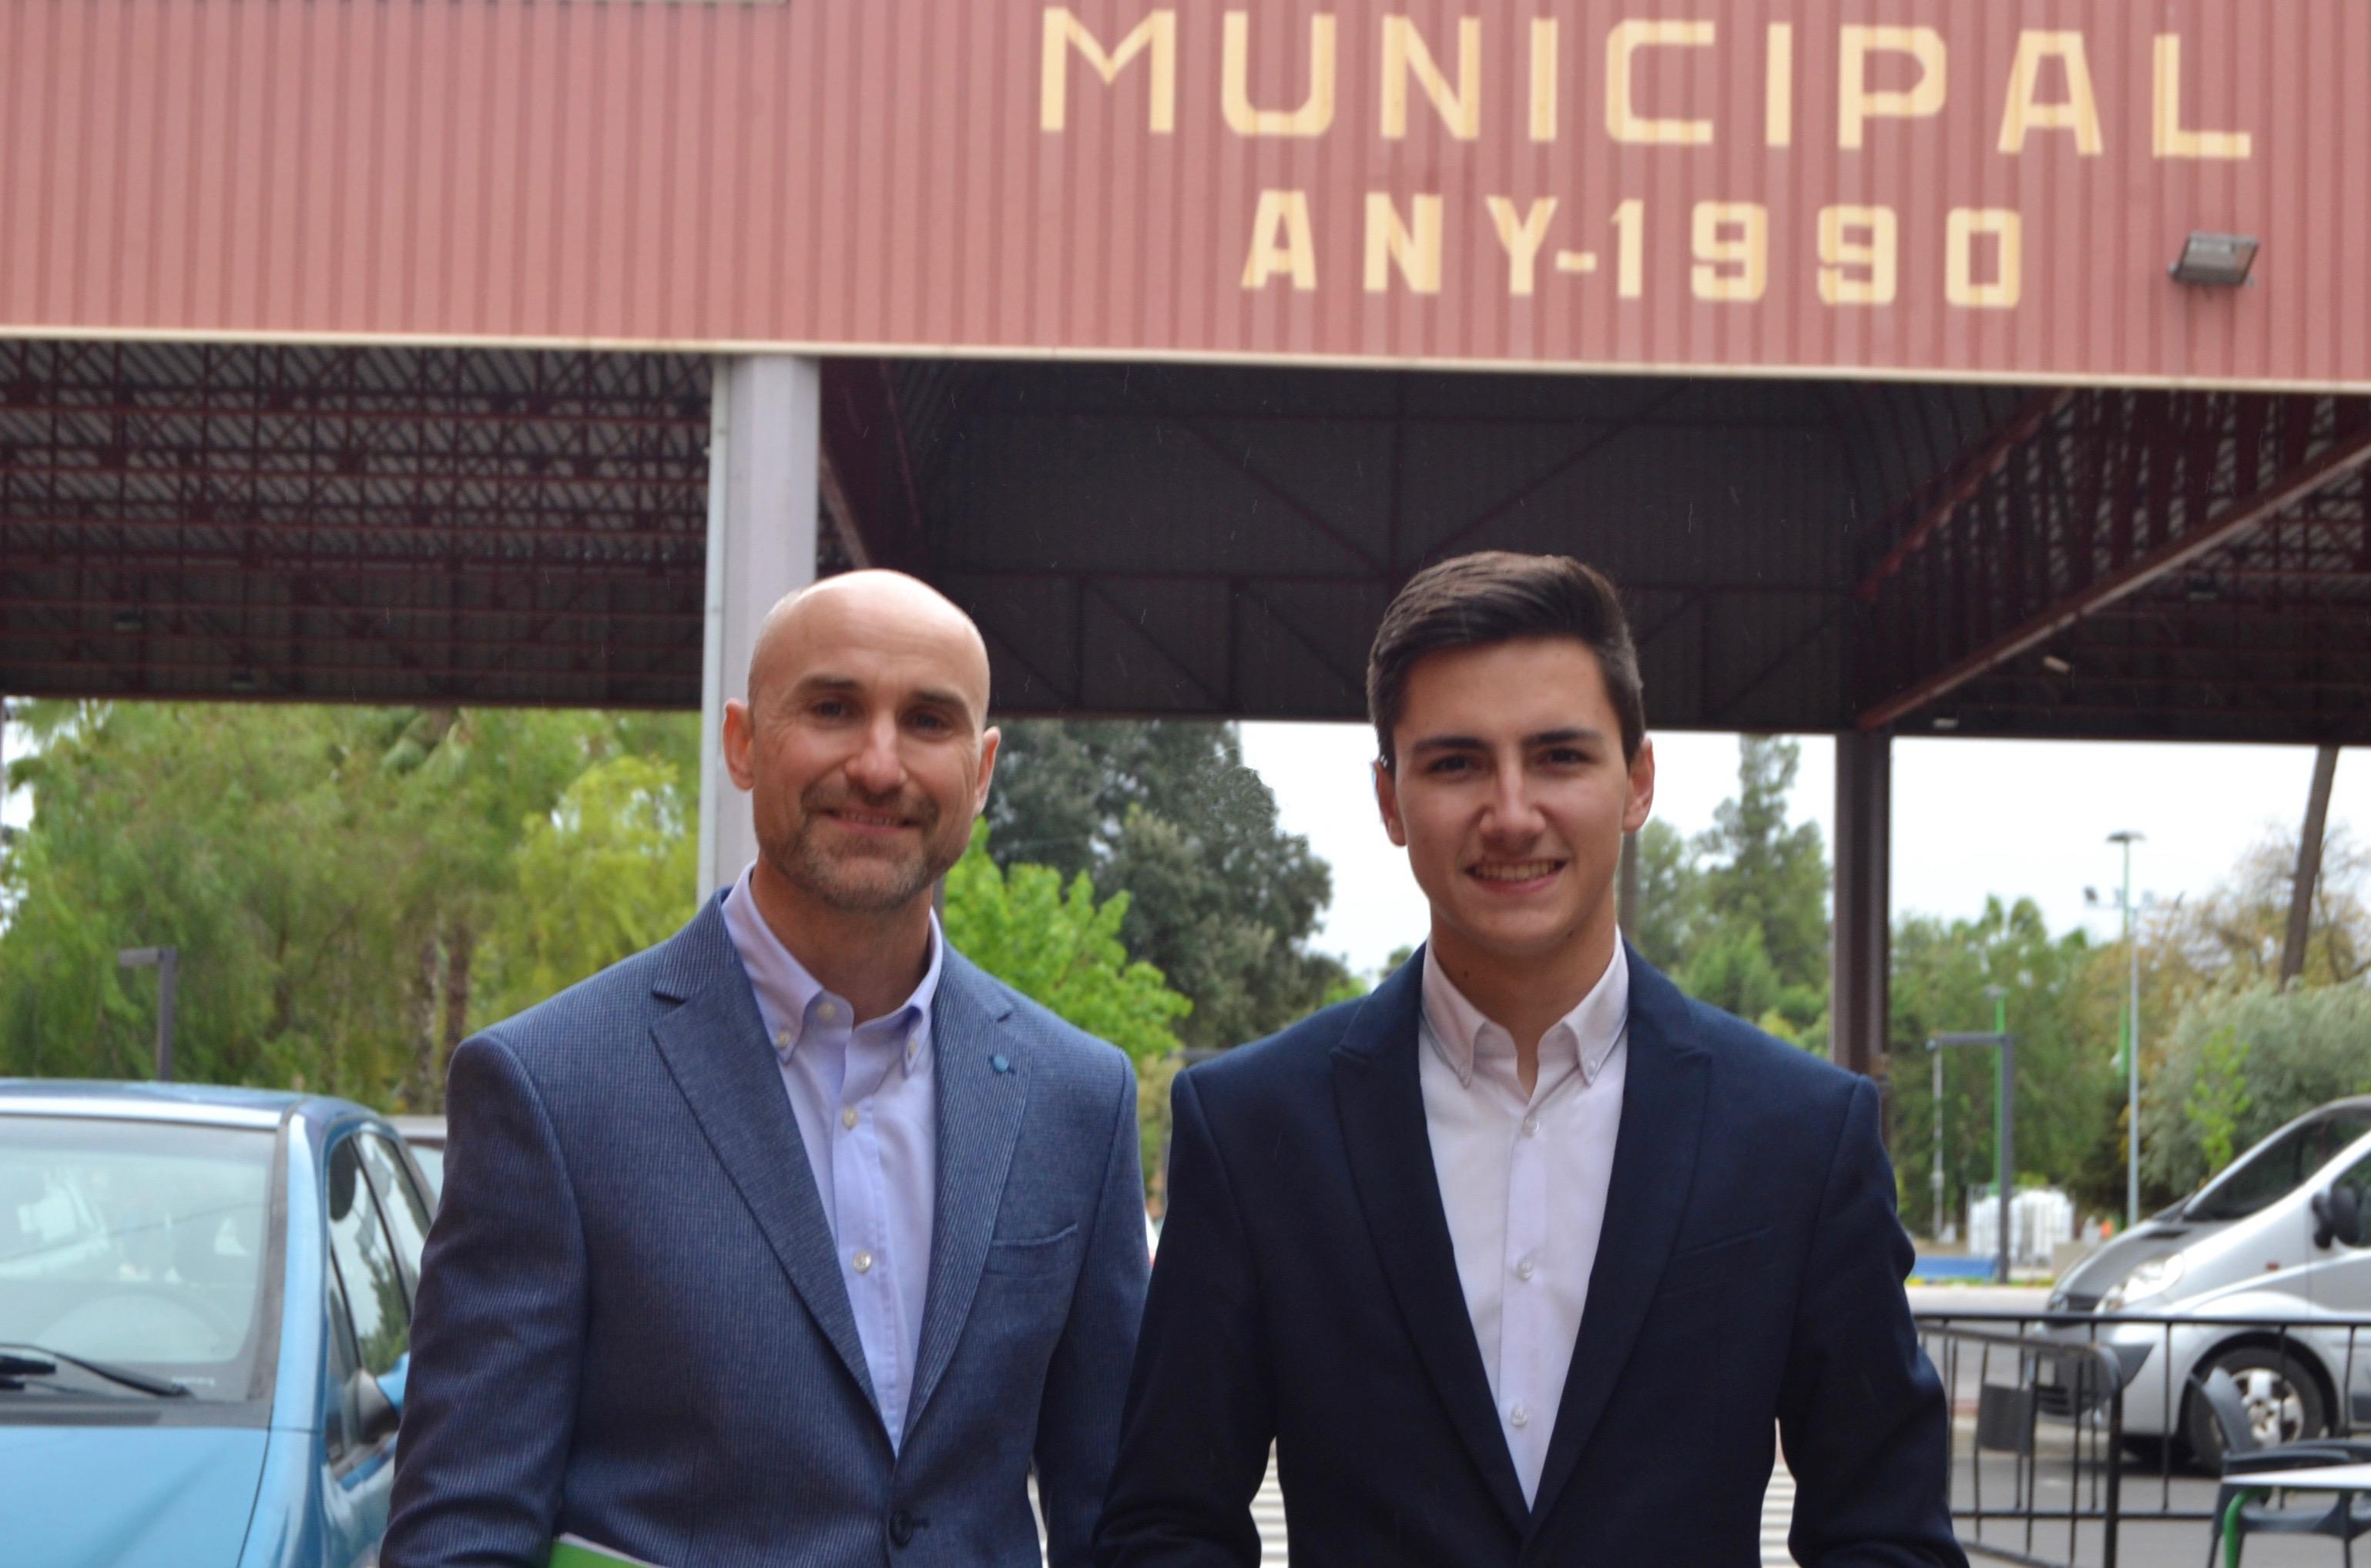 El candidato de La Pobla de Vallbona también confía en Nicasio Tortajada Raimundo para que coordine la campaña electoral para las elecciones municipales.